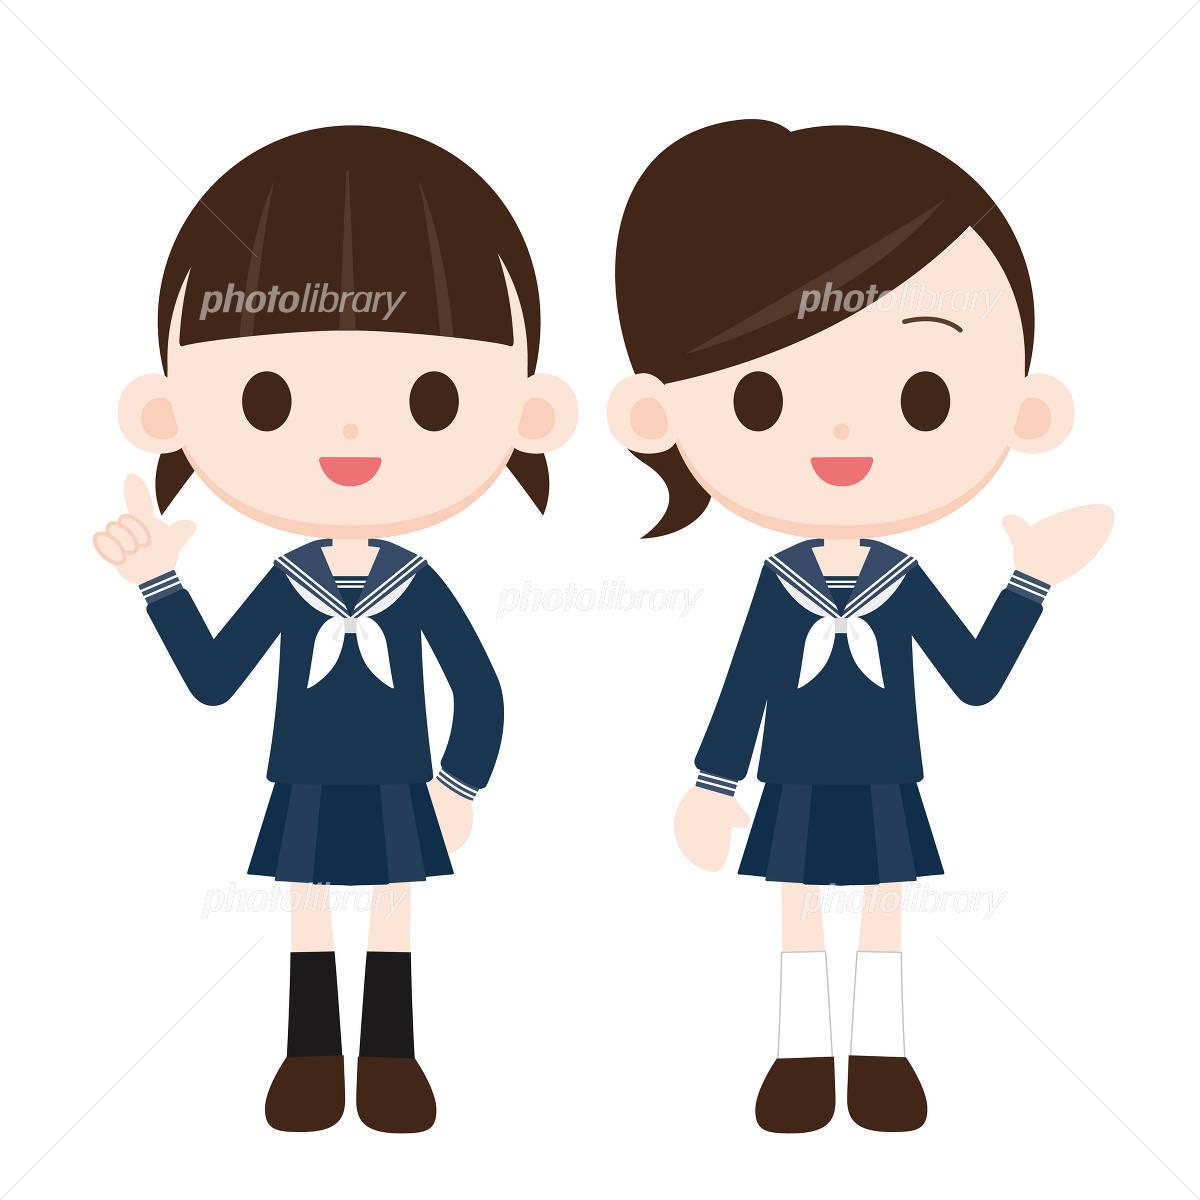 セーラー服の女の子 二人 イラスト素材 1226276 フォトライブ